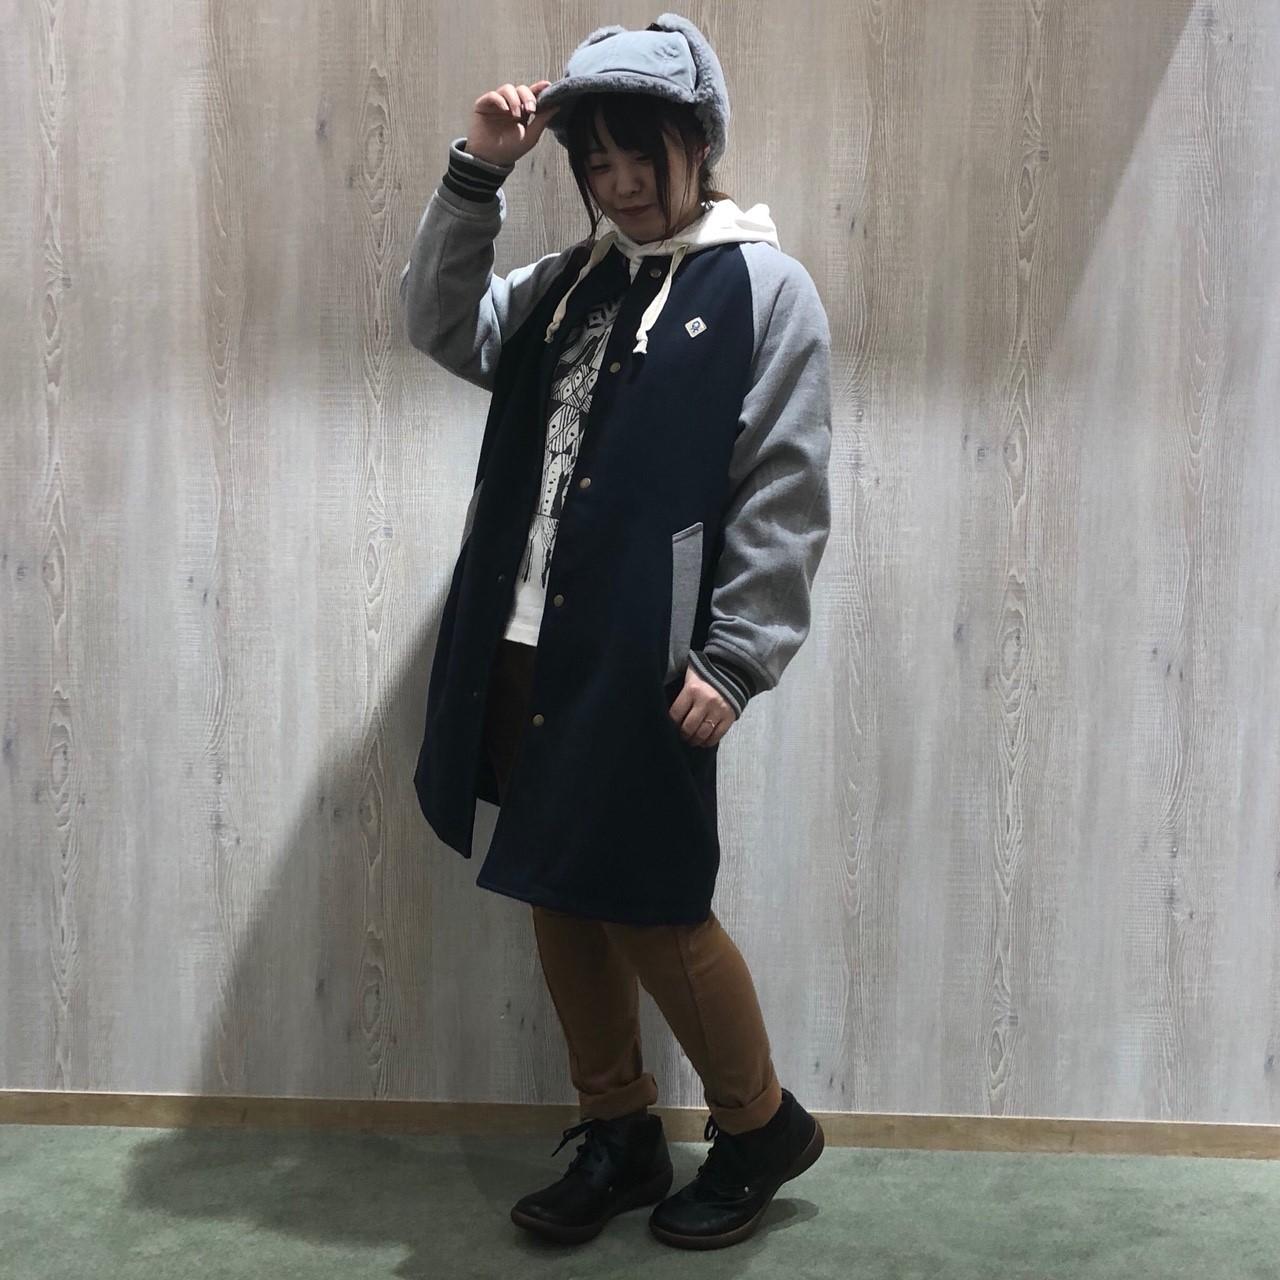 20181028 秋葉_181028_0017